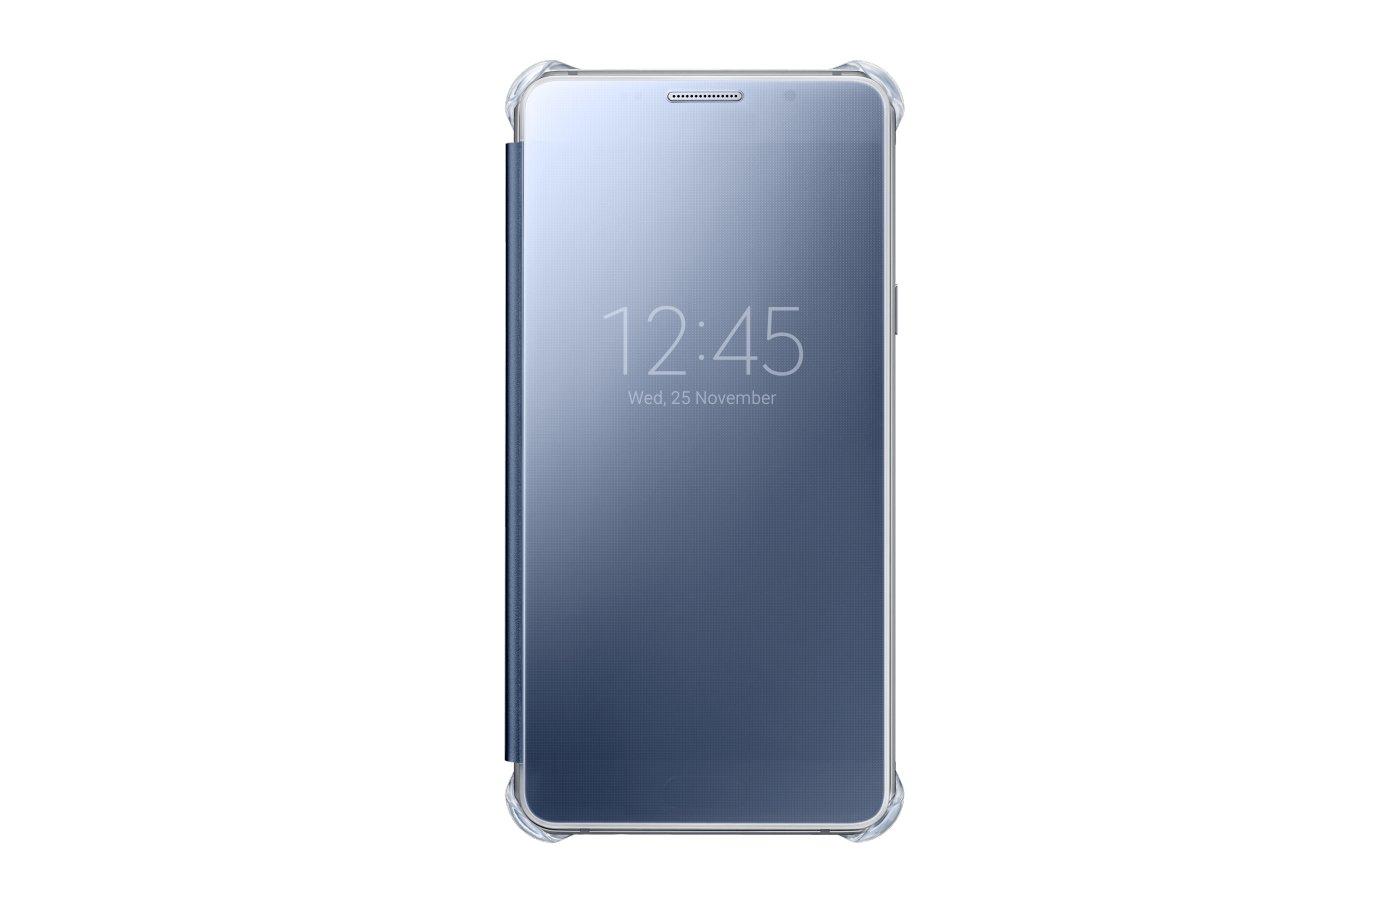 Чехол Samsung ClVCover для Galaxy A7 (2016) SM-A710 черный (EF-ZA710CBEGRU)